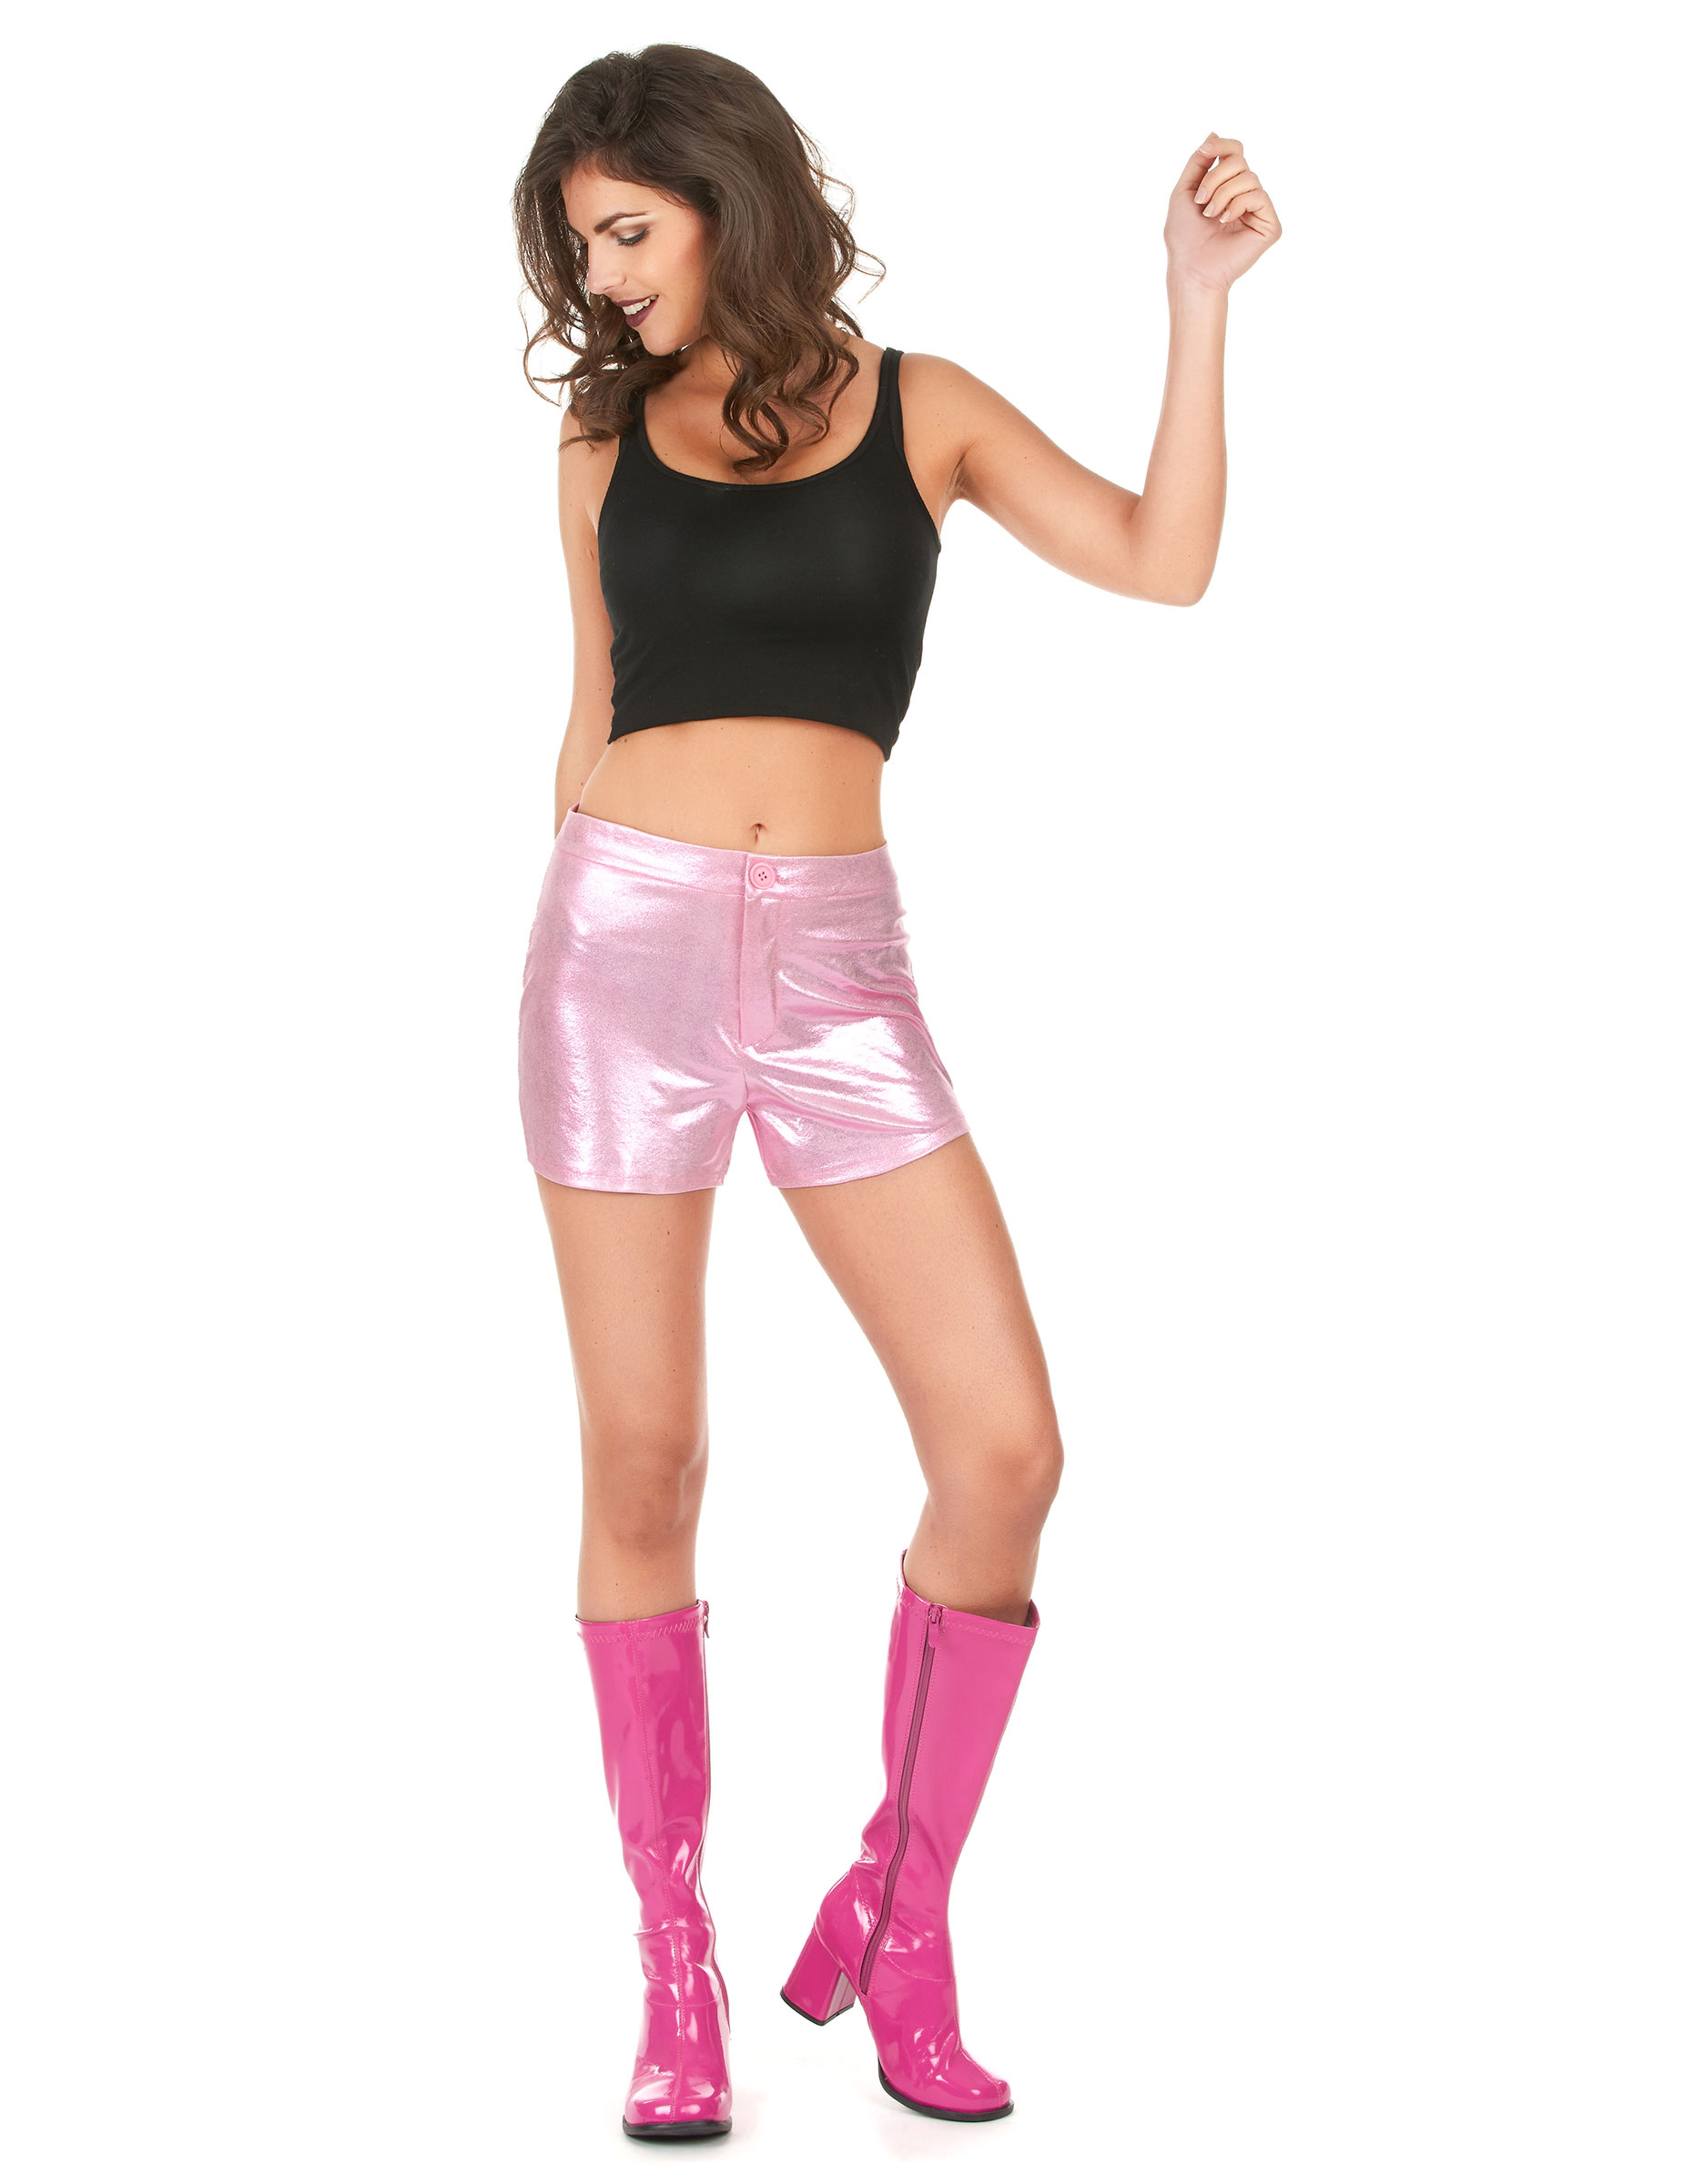 disco shorts kurze hose rosa g nstige faschings kost me bei karneval megastore. Black Bedroom Furniture Sets. Home Design Ideas